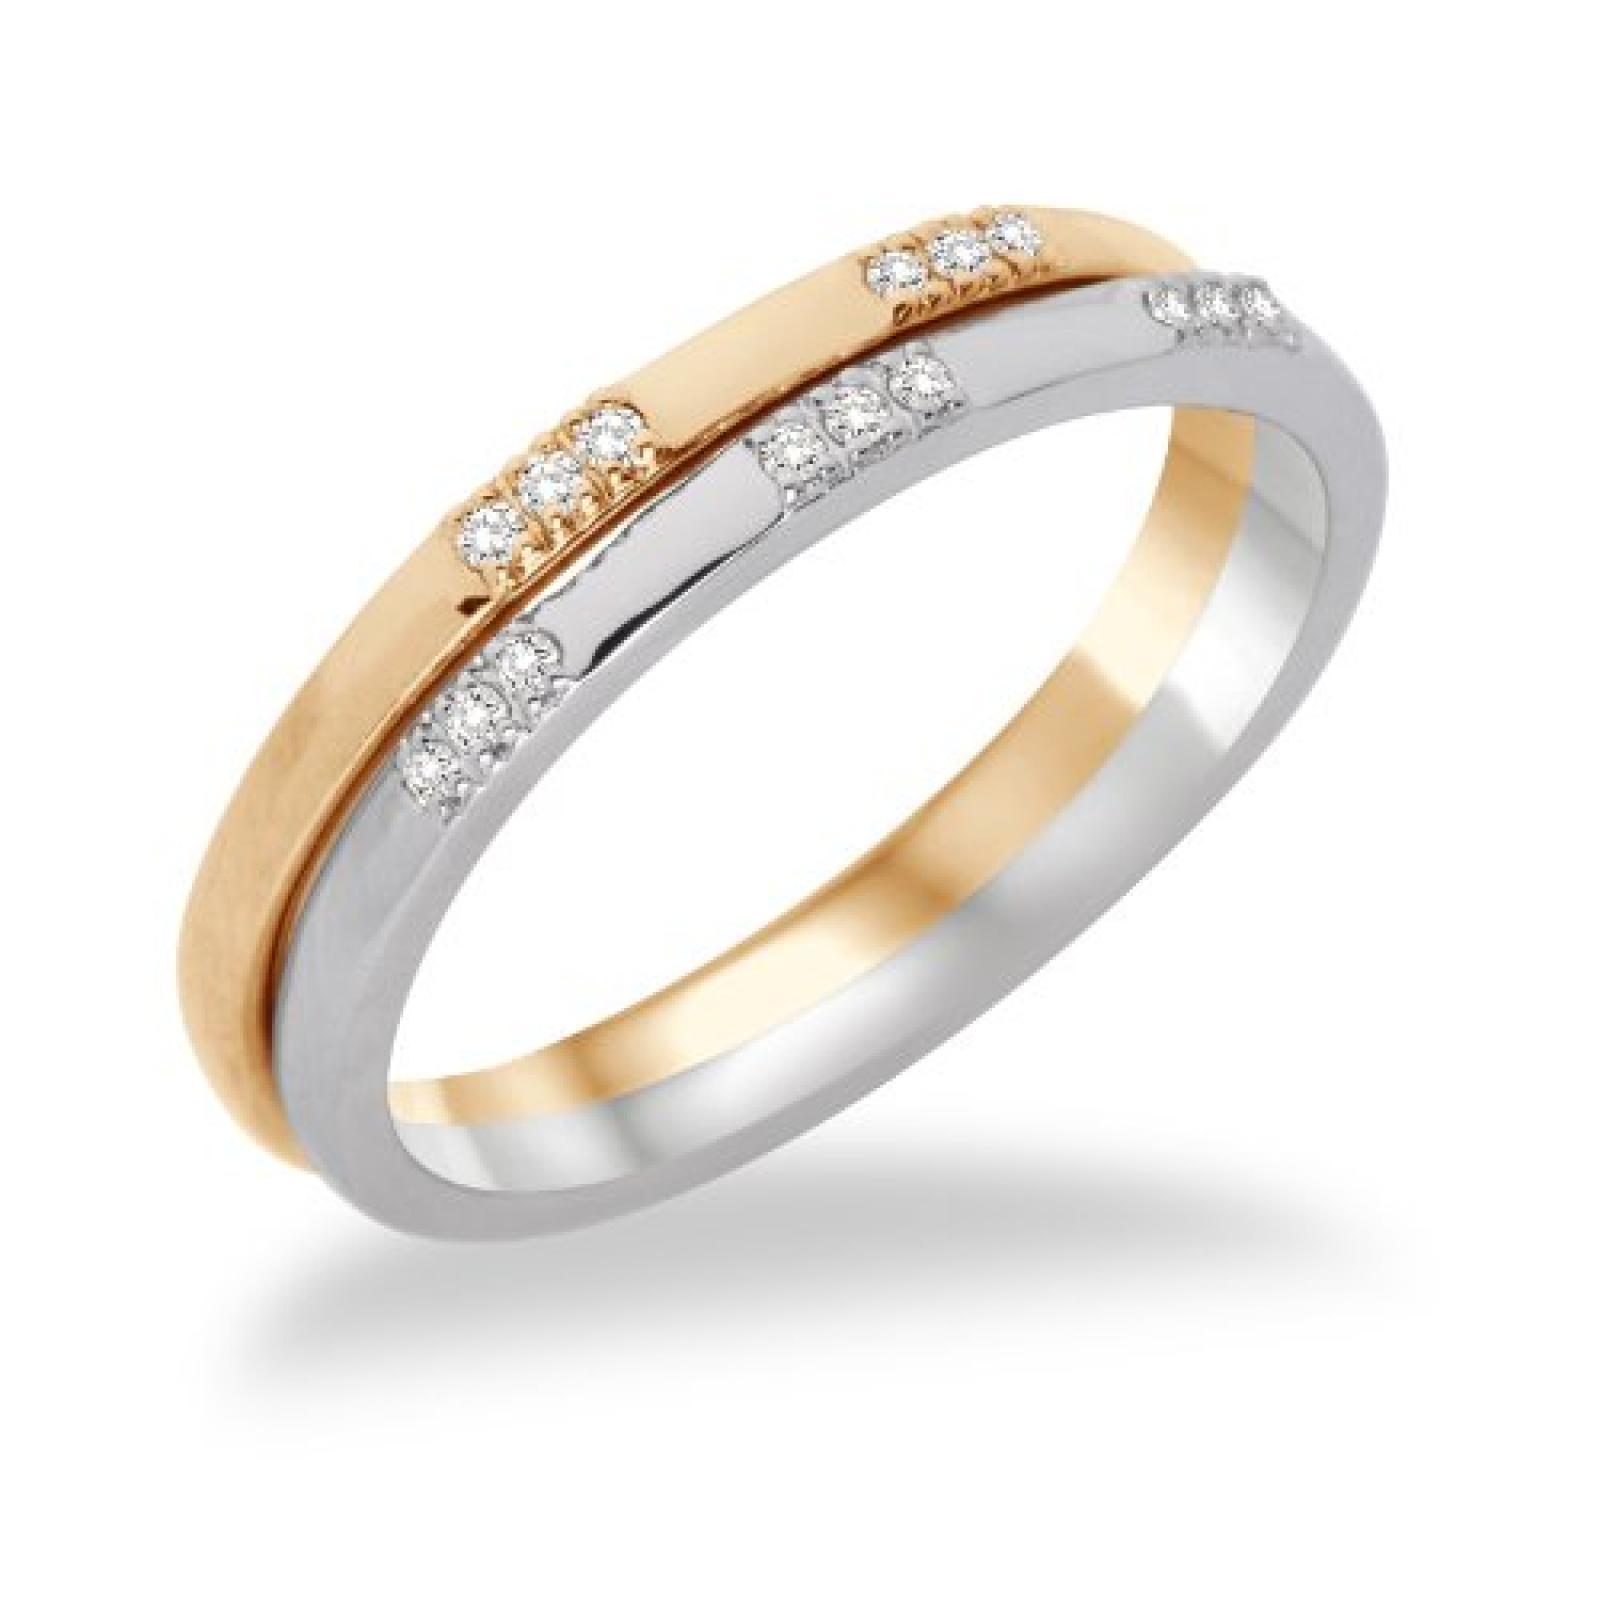 Miore Damen-Ring 2-teilig 750 weiß-/Gelbgold mit Brillanten MF8007RM